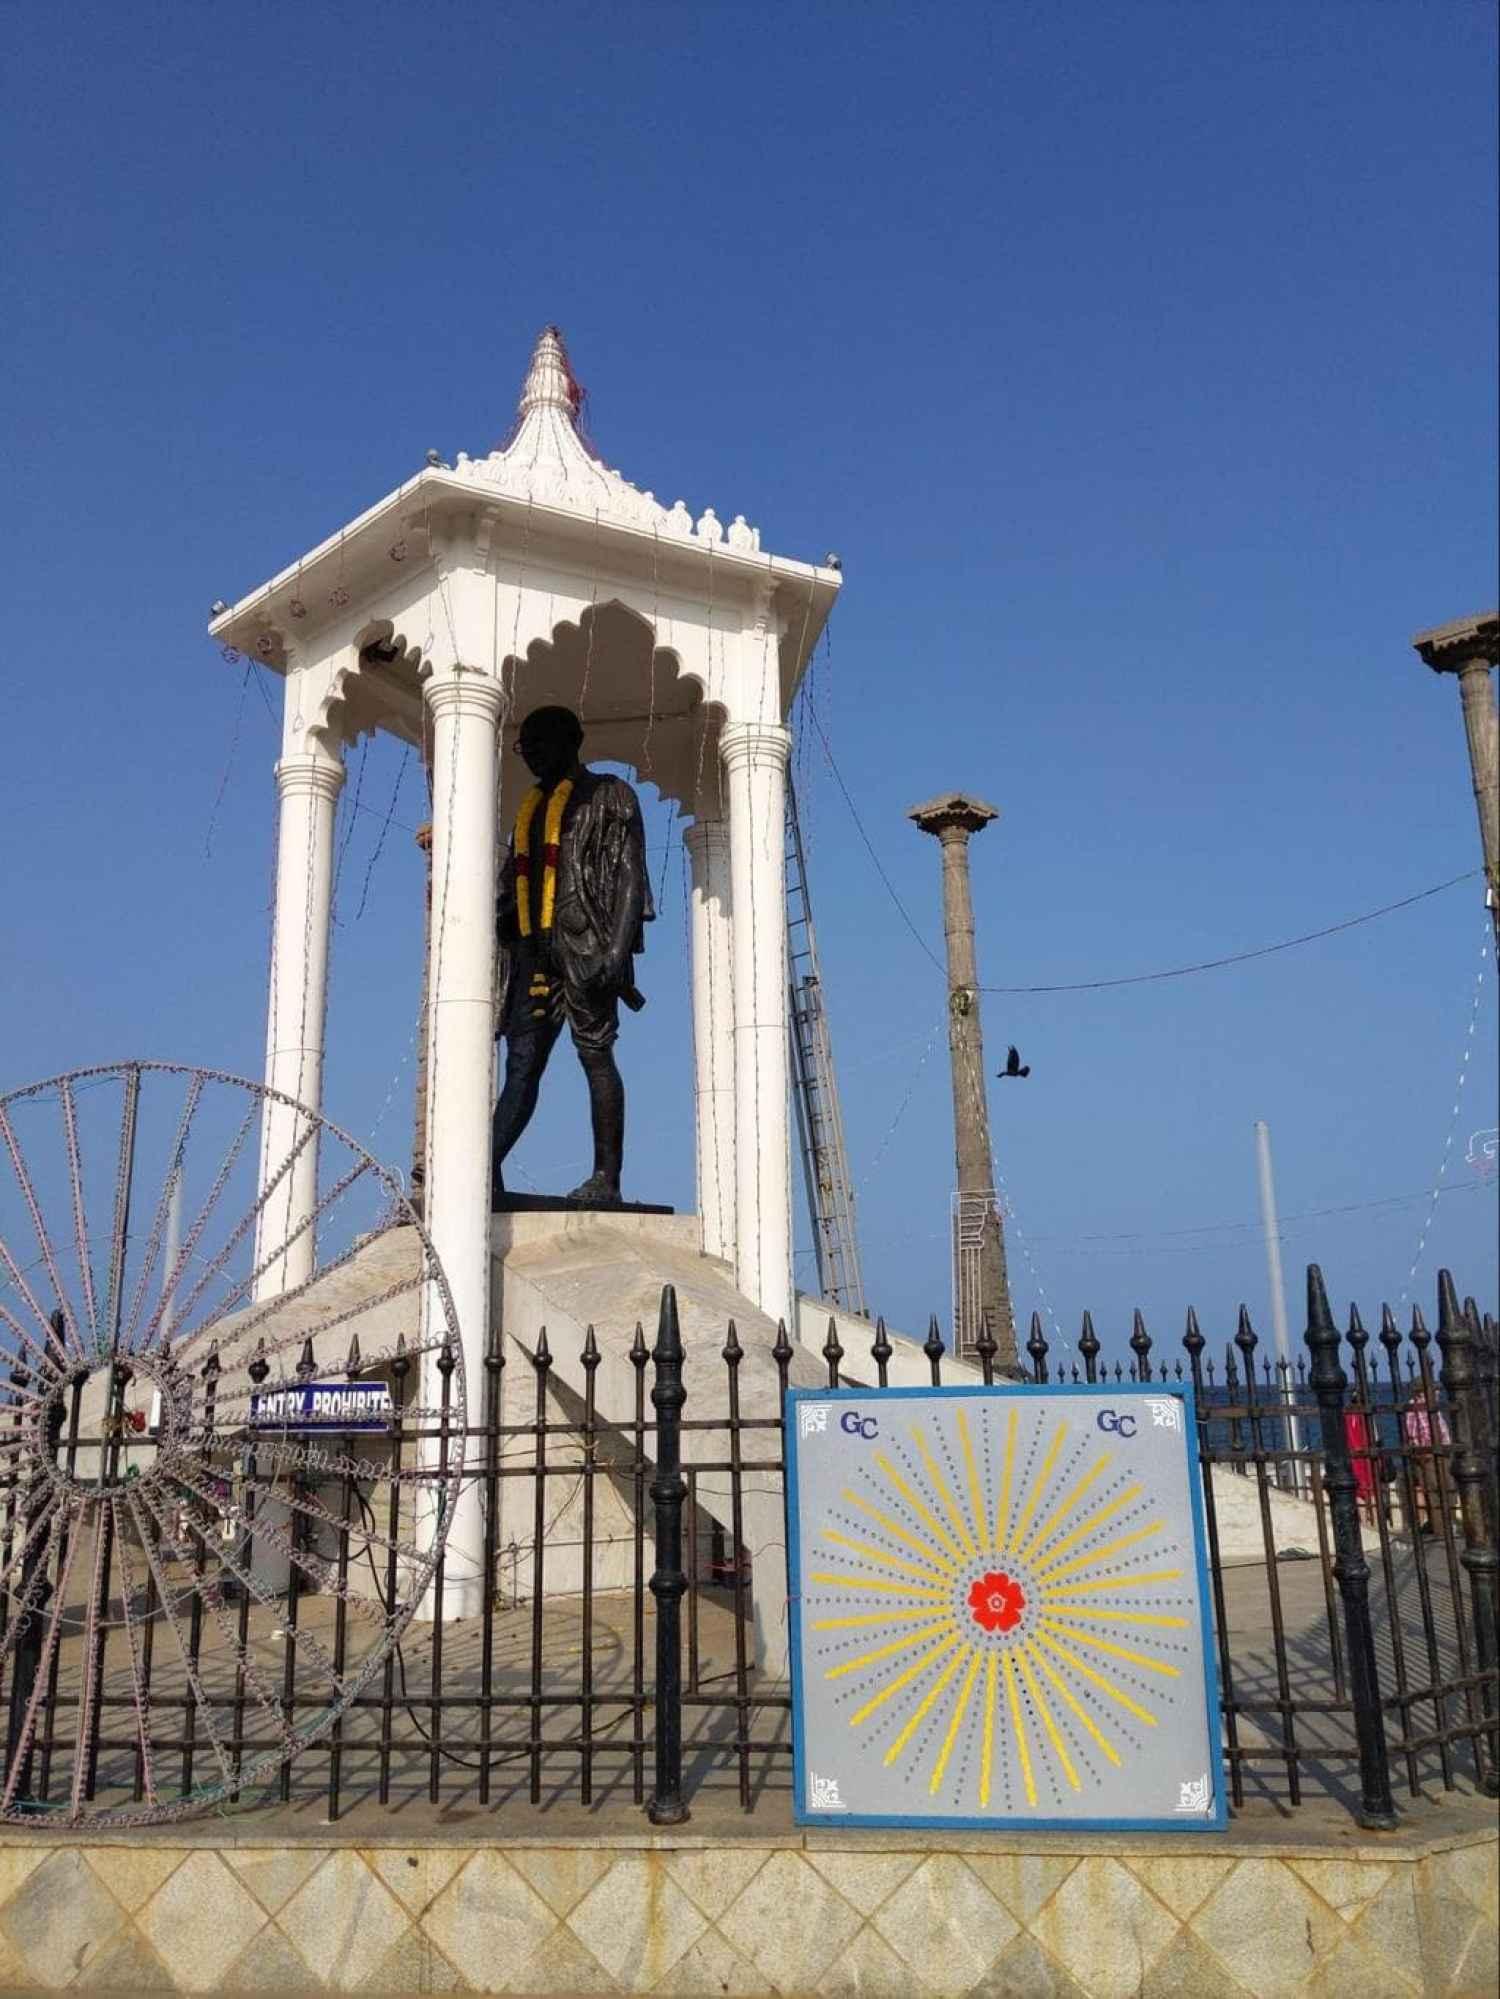 Statue of Gandhi in Pondicherry